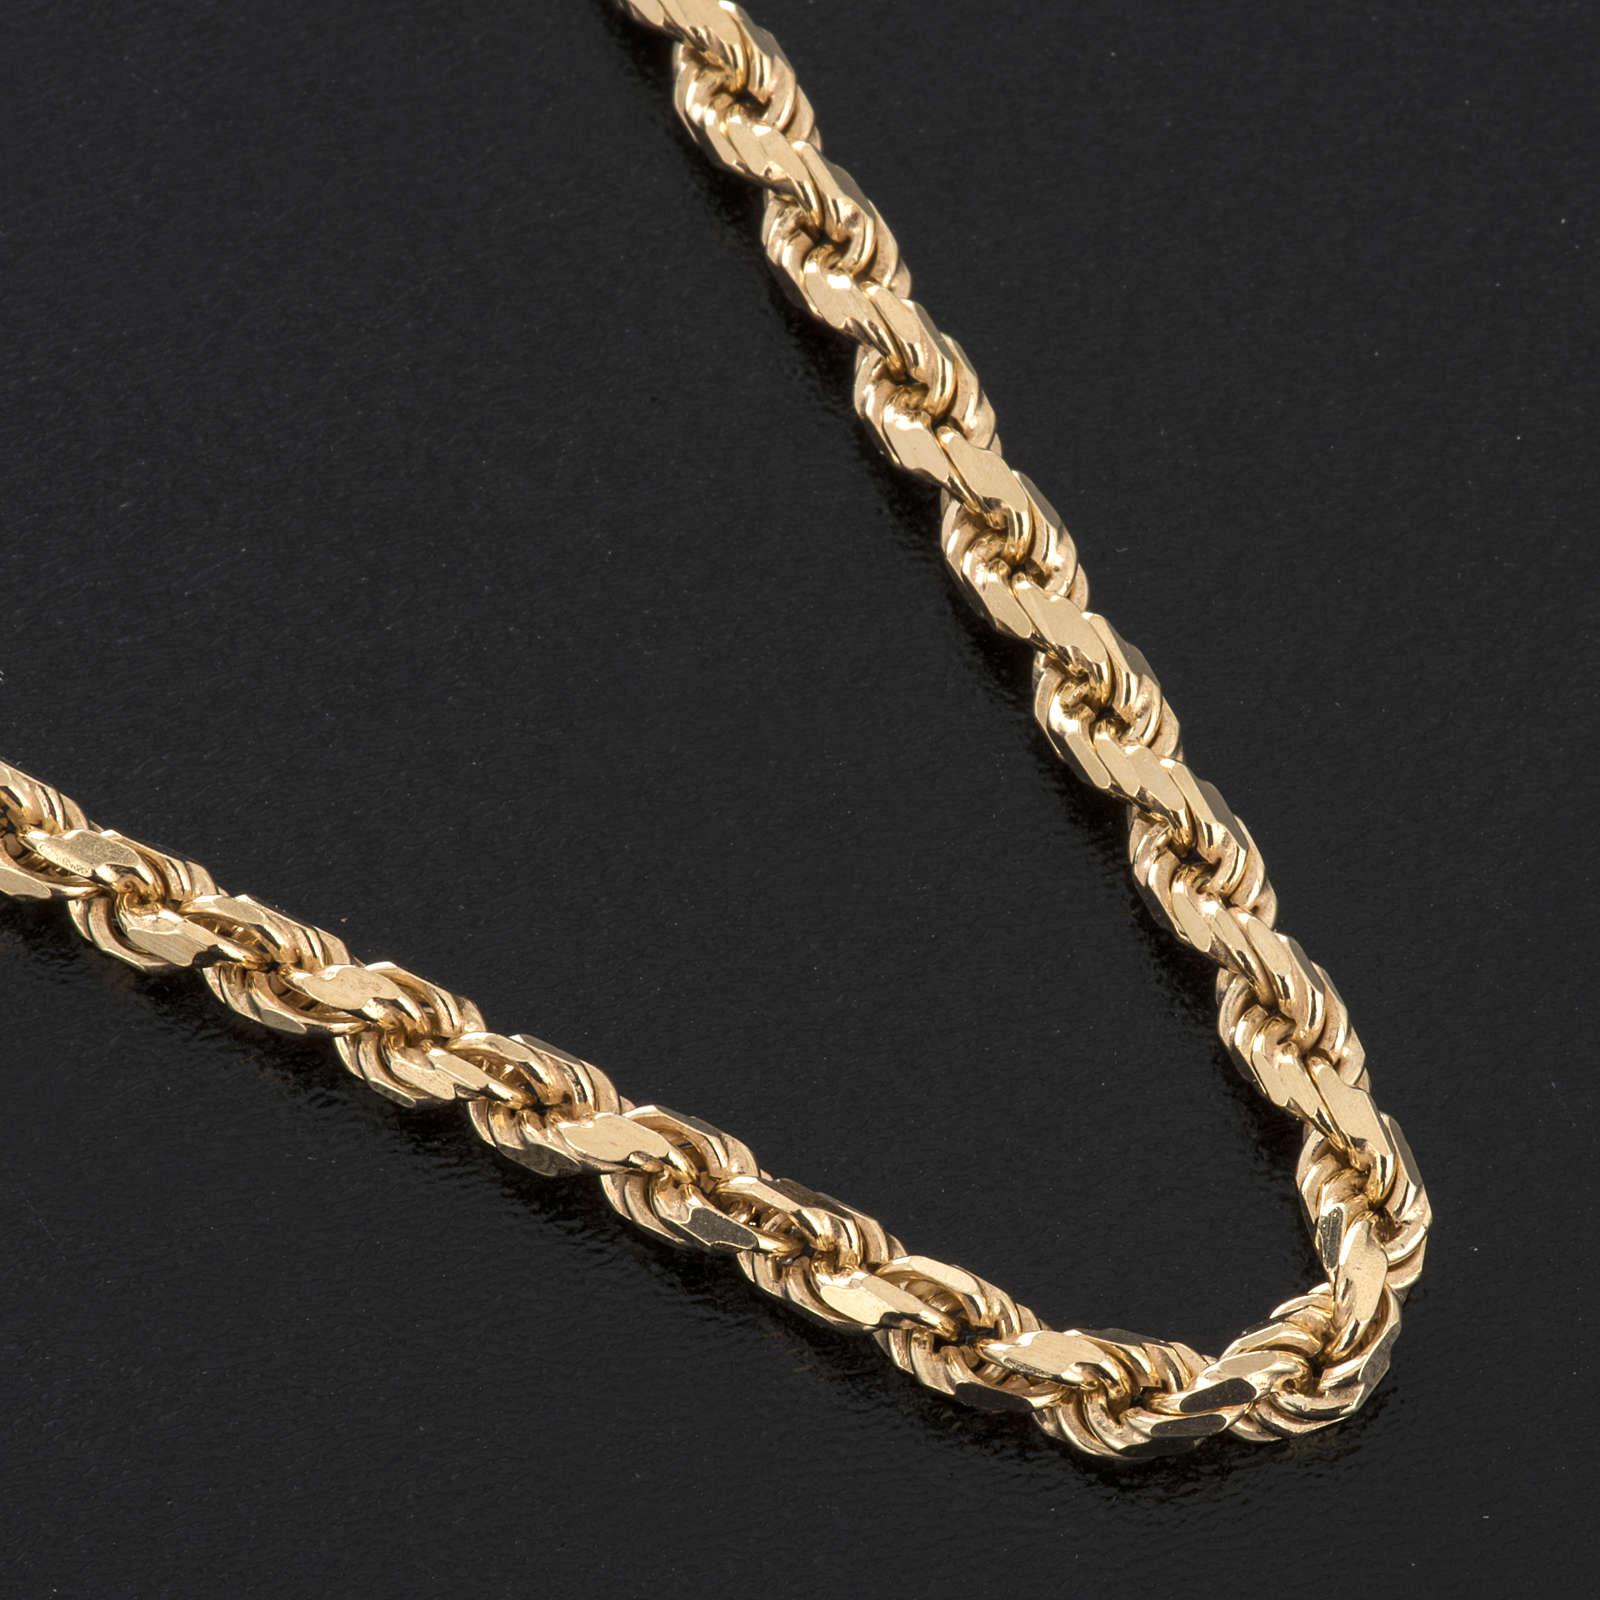 Cadena para cruz pectoral plata 925 dorada 3